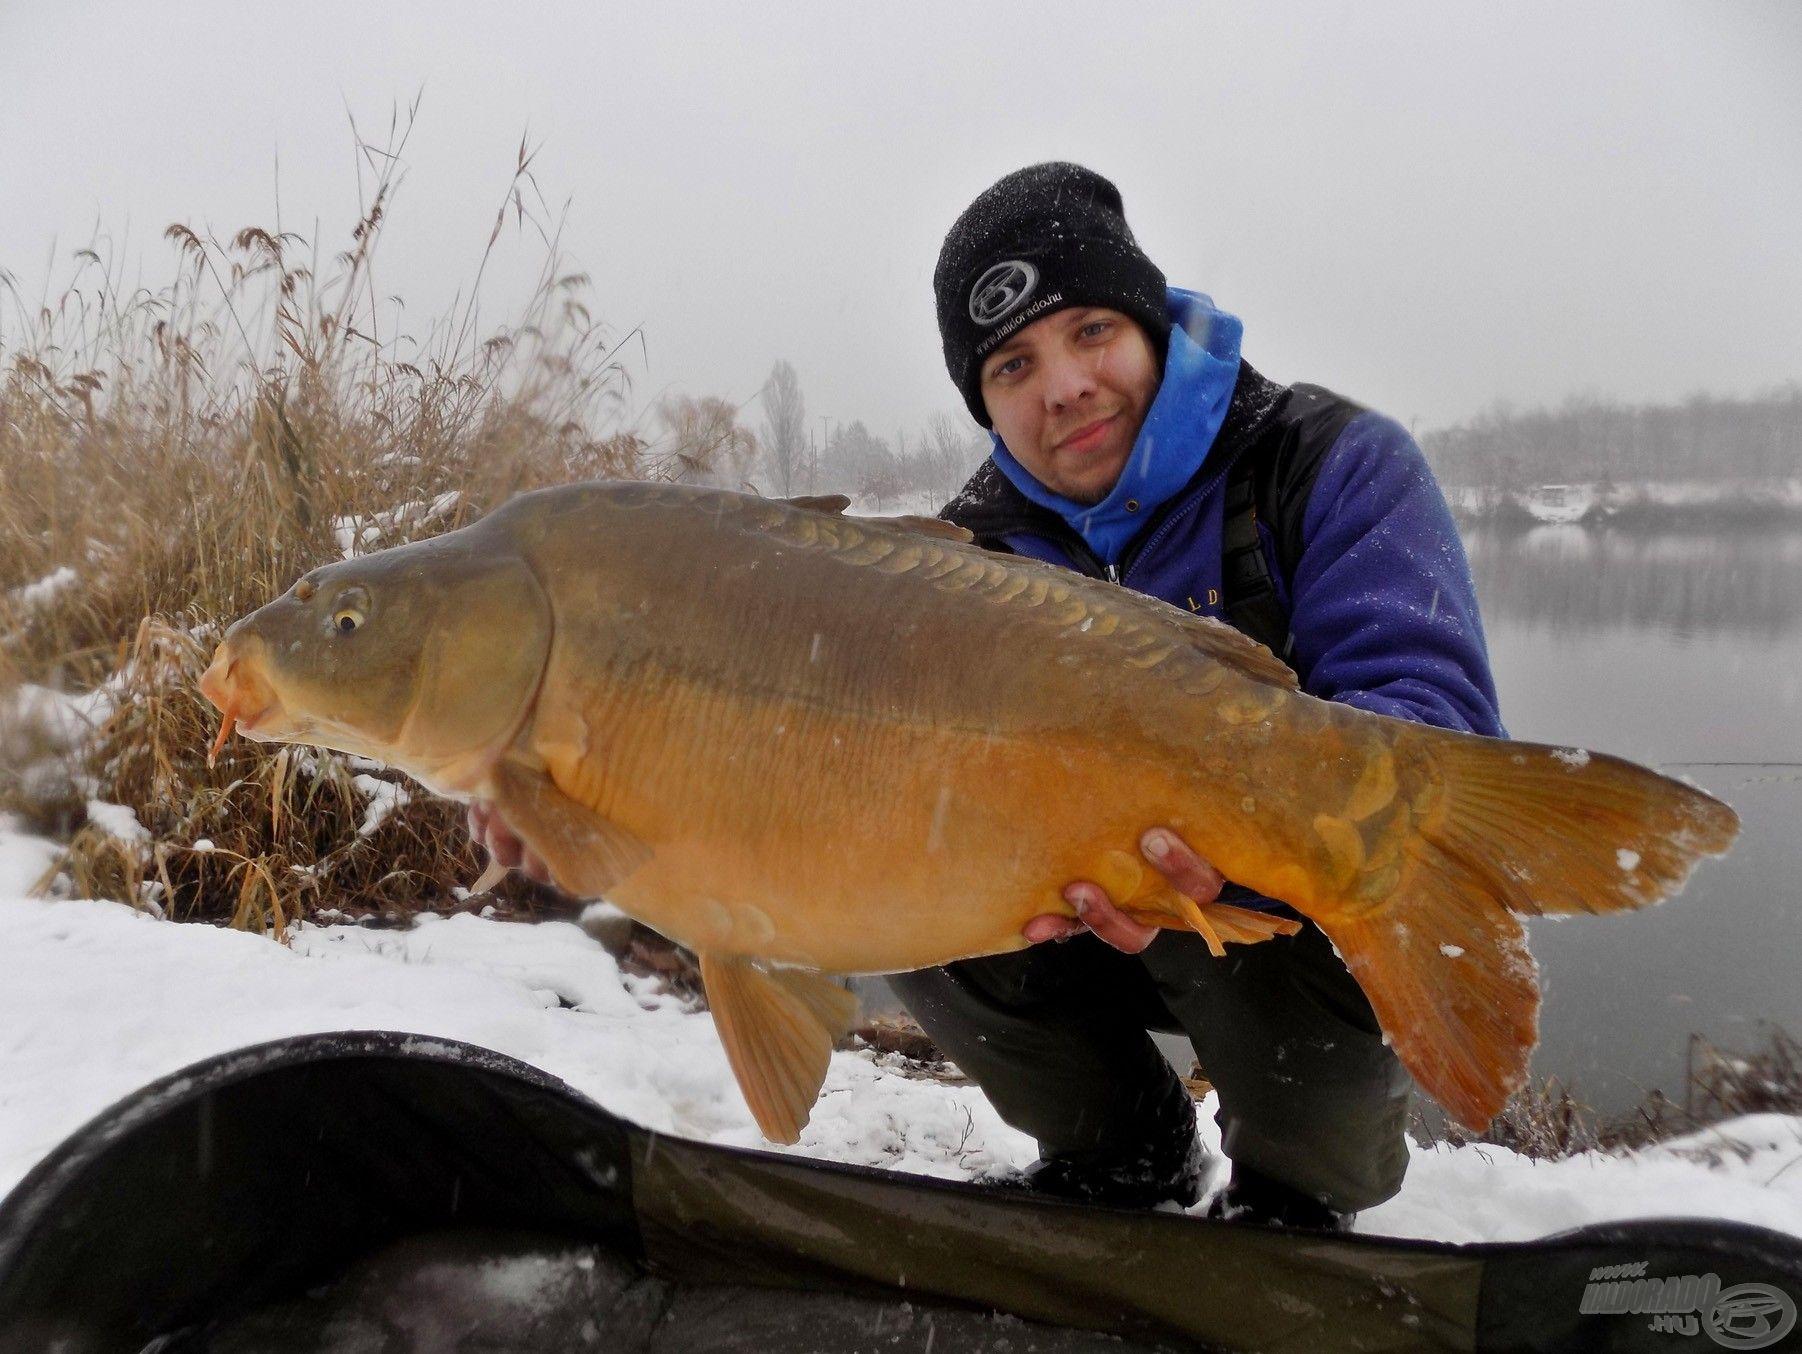 A horgászat végén, a legnagyobb havazásban egy hosszas csata után sikerült ezt a gyönyörű, színekben gazdag tükörpontyot megfognom! Borzasztó büszke vagyok erre a fogásra, ugyanis a körülmények nem éppen voltak horgászatra alkalmasak